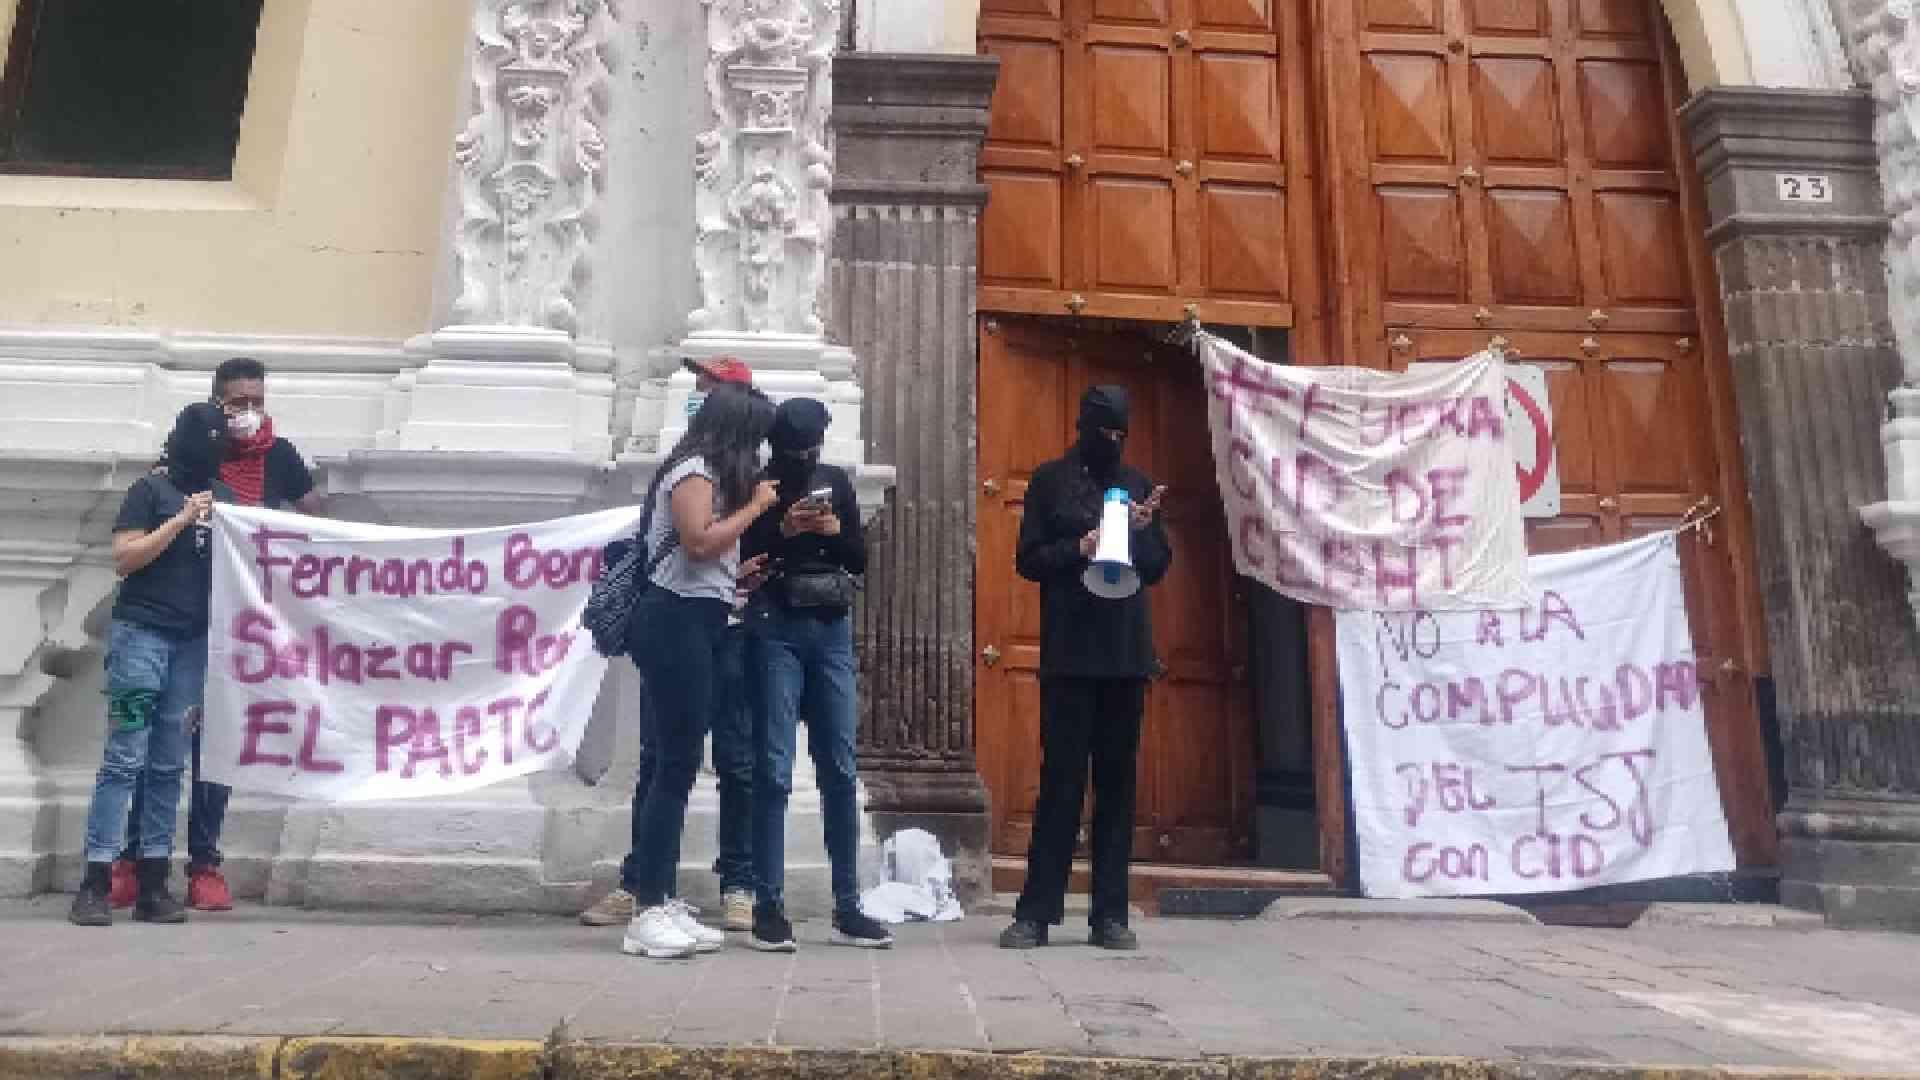 CEDH-Tlaxcala-Comisión Estatal Derechos Humanos-Sociedad Civil-Victor Manuel Cid del Prado